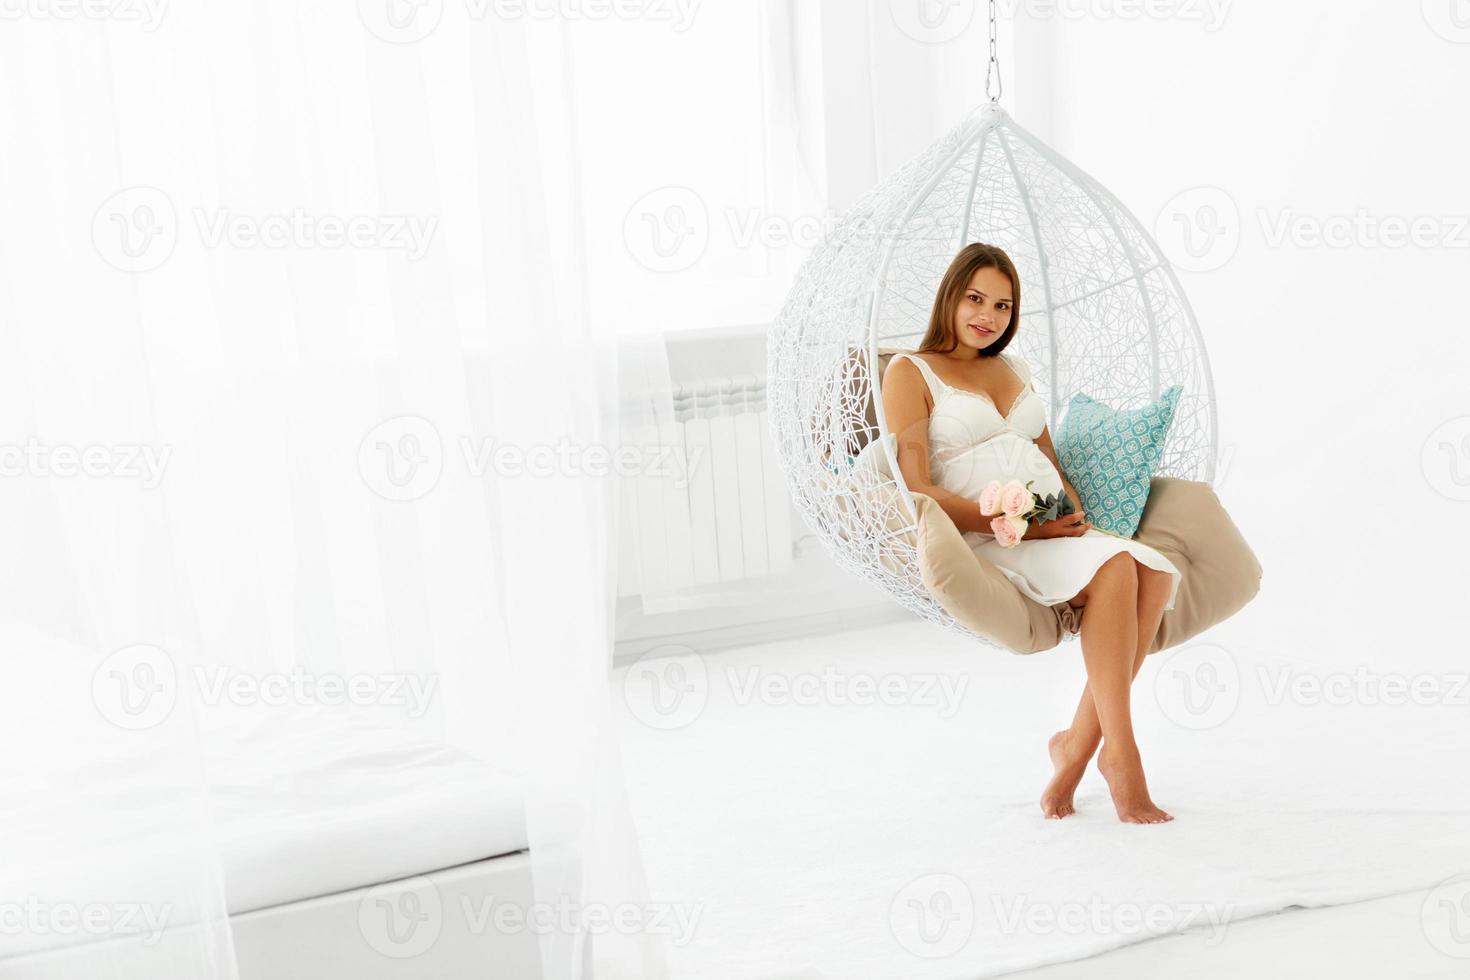 portret van de gelukkige zwangere vrouw. foto